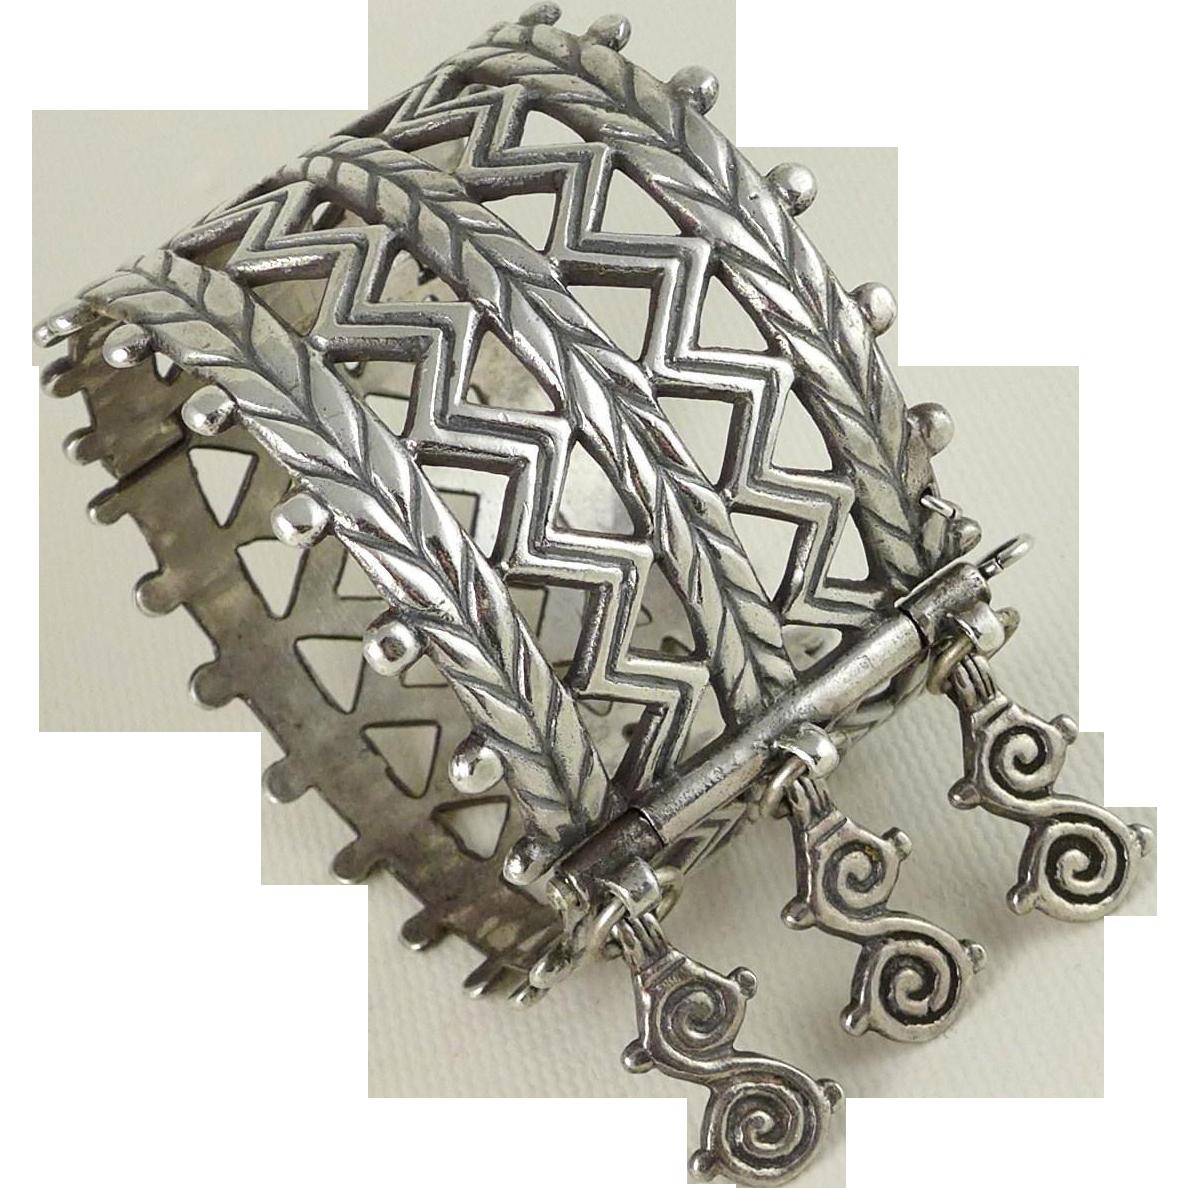 Finnish Kalevala Koru Sterling Silver Bracelet - Merya Hinged Bangle - Helsinki 1972